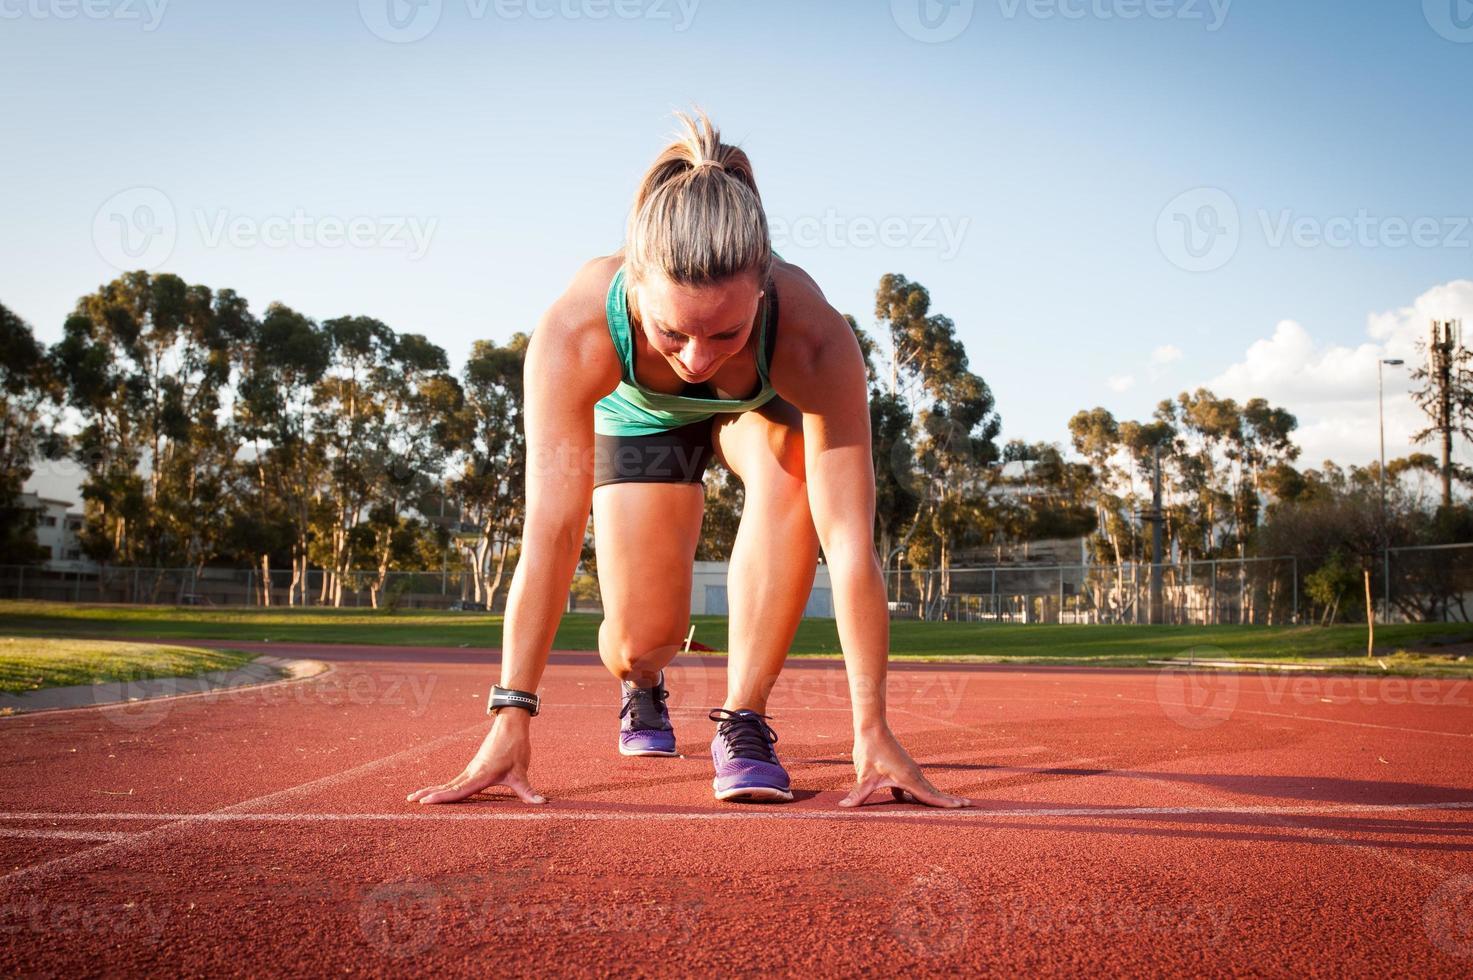 coureur féminin sur une piste d'athlétisme photo